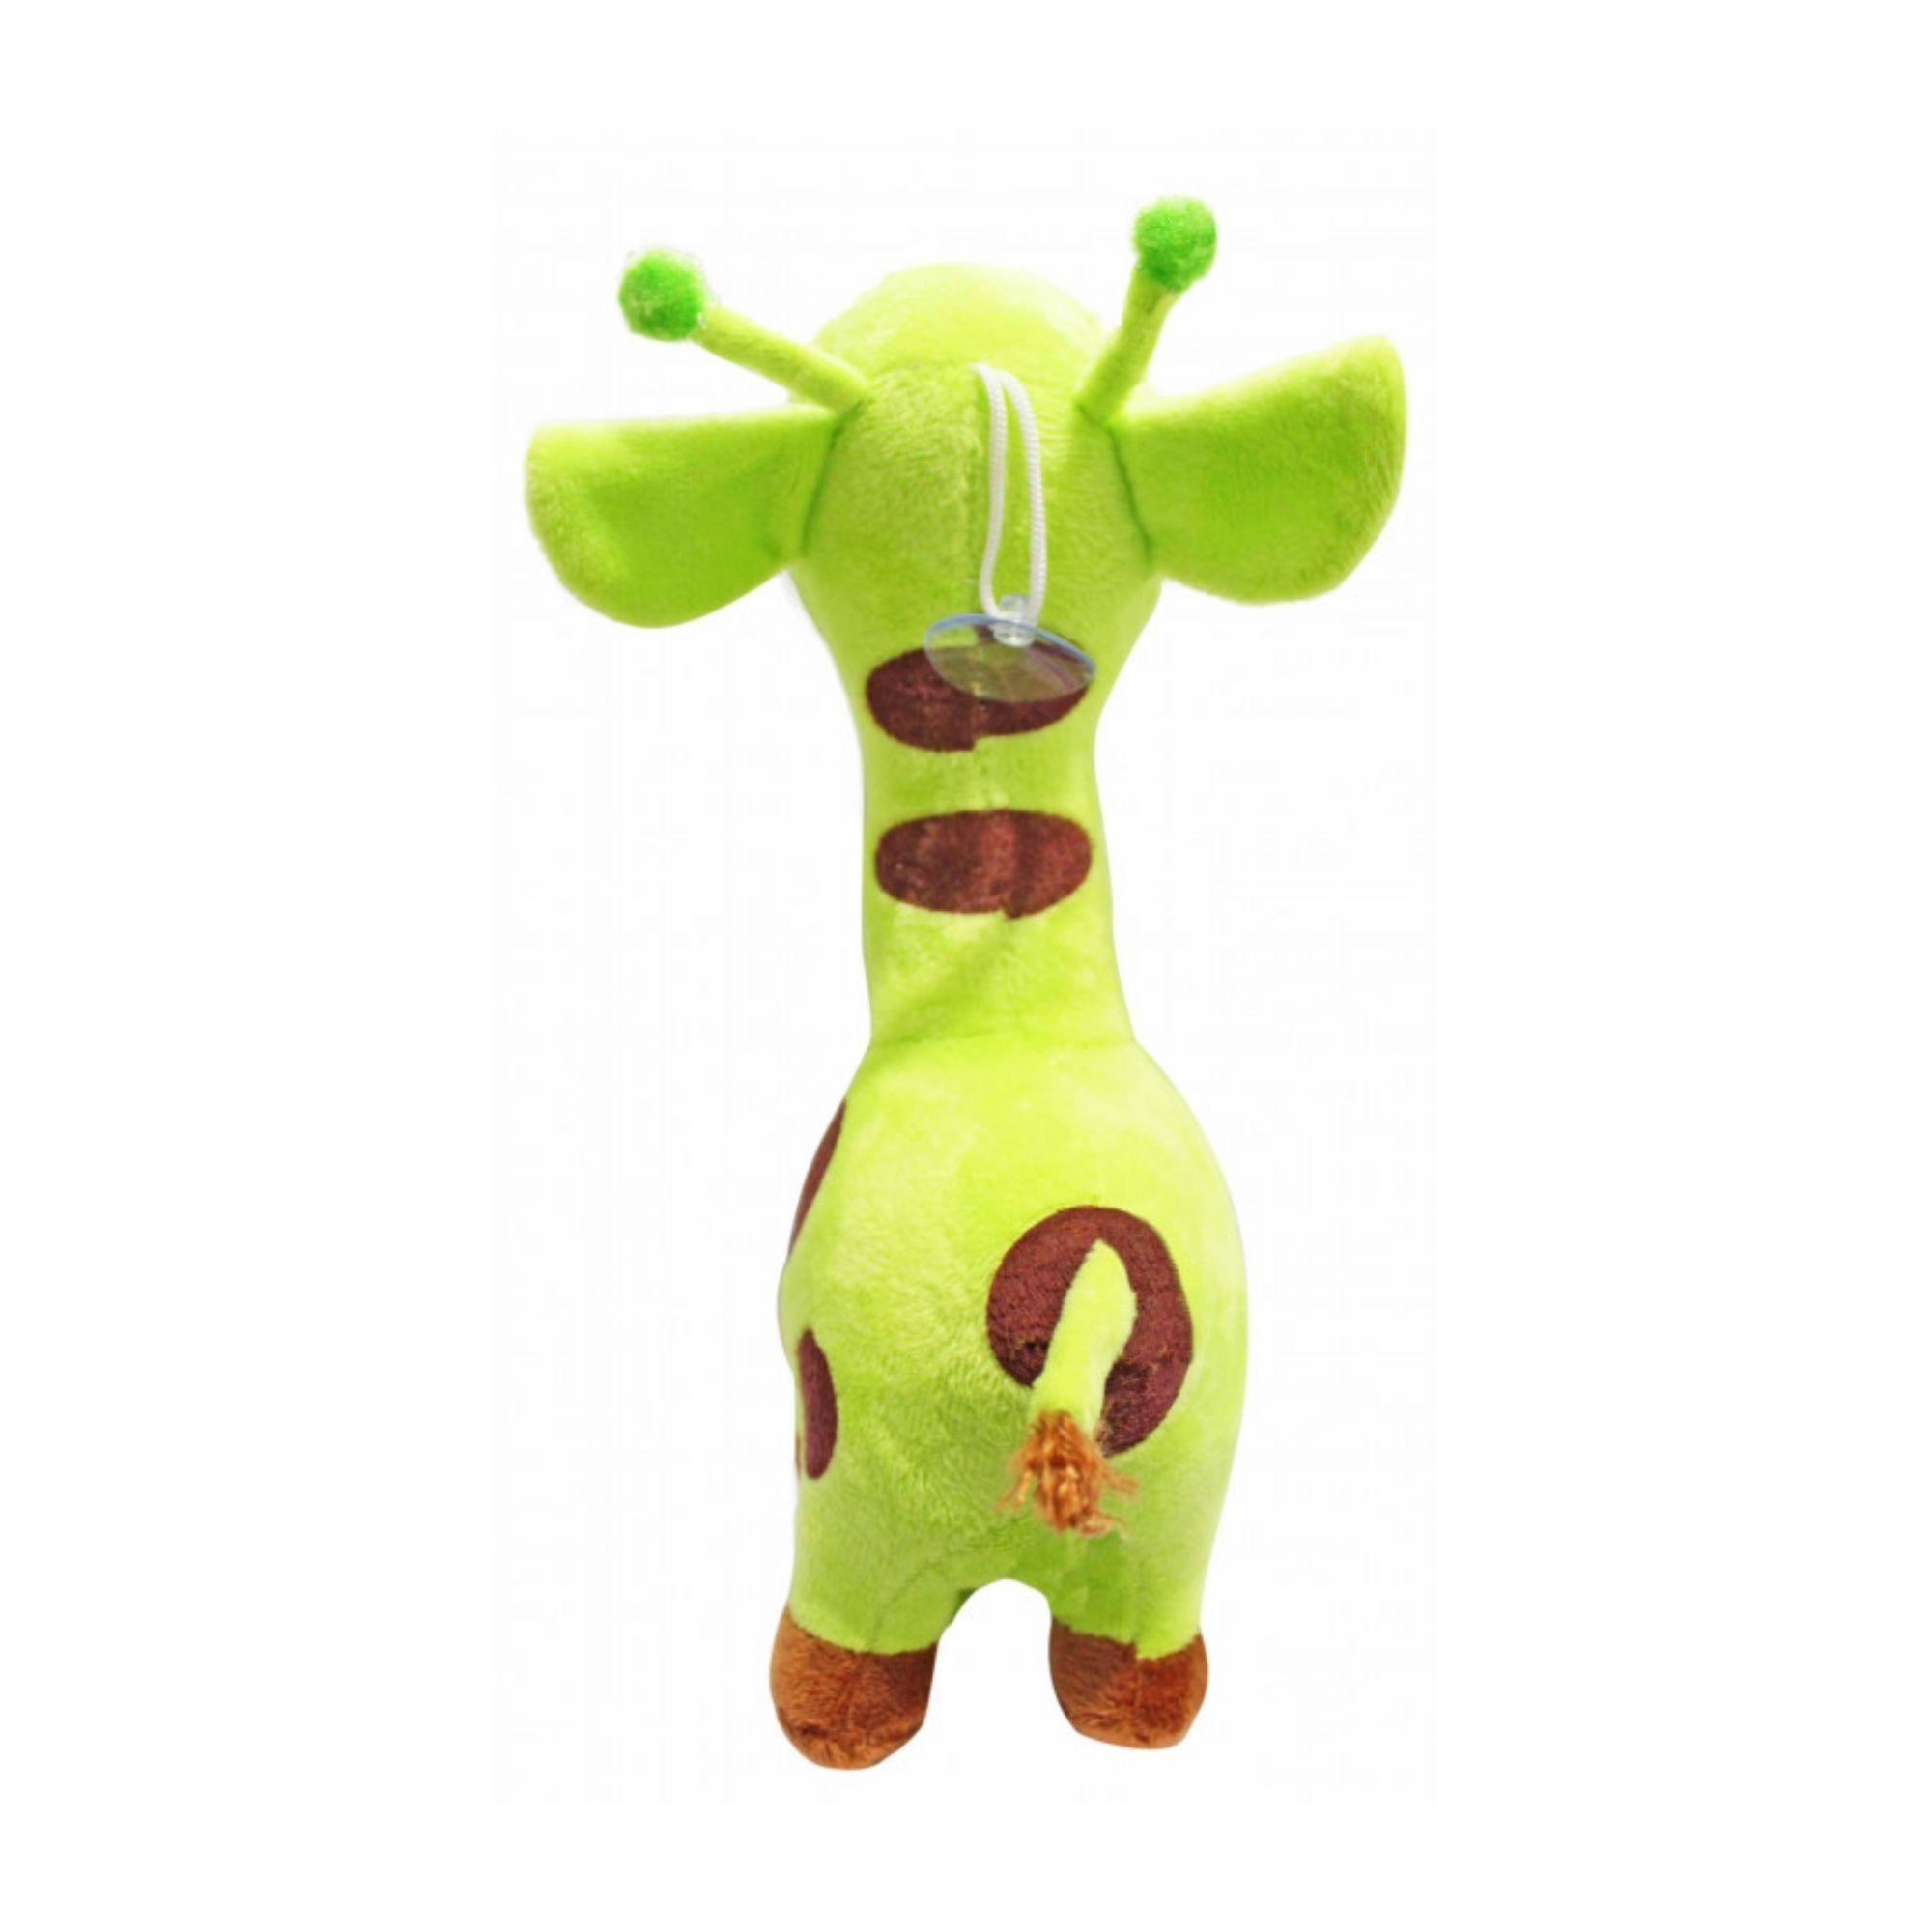 Girafa de Pelucia Fofa Antialergica Colorida  - Game Land Brinquedos